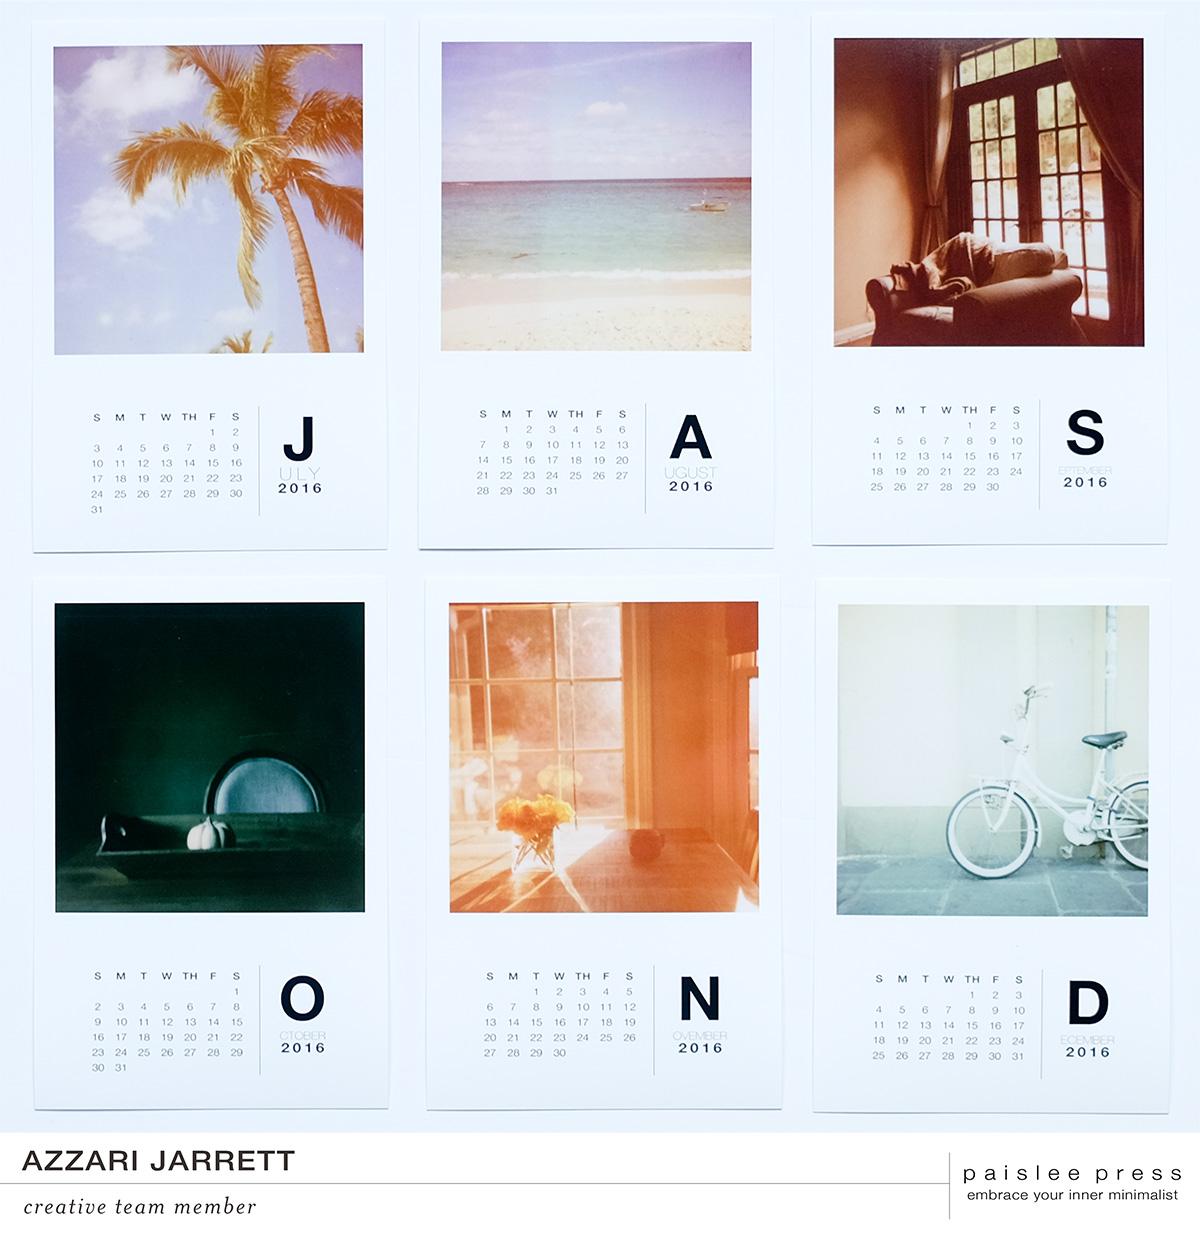 Paislee Press 2016 Calendar Kit | Azzari Jarrett